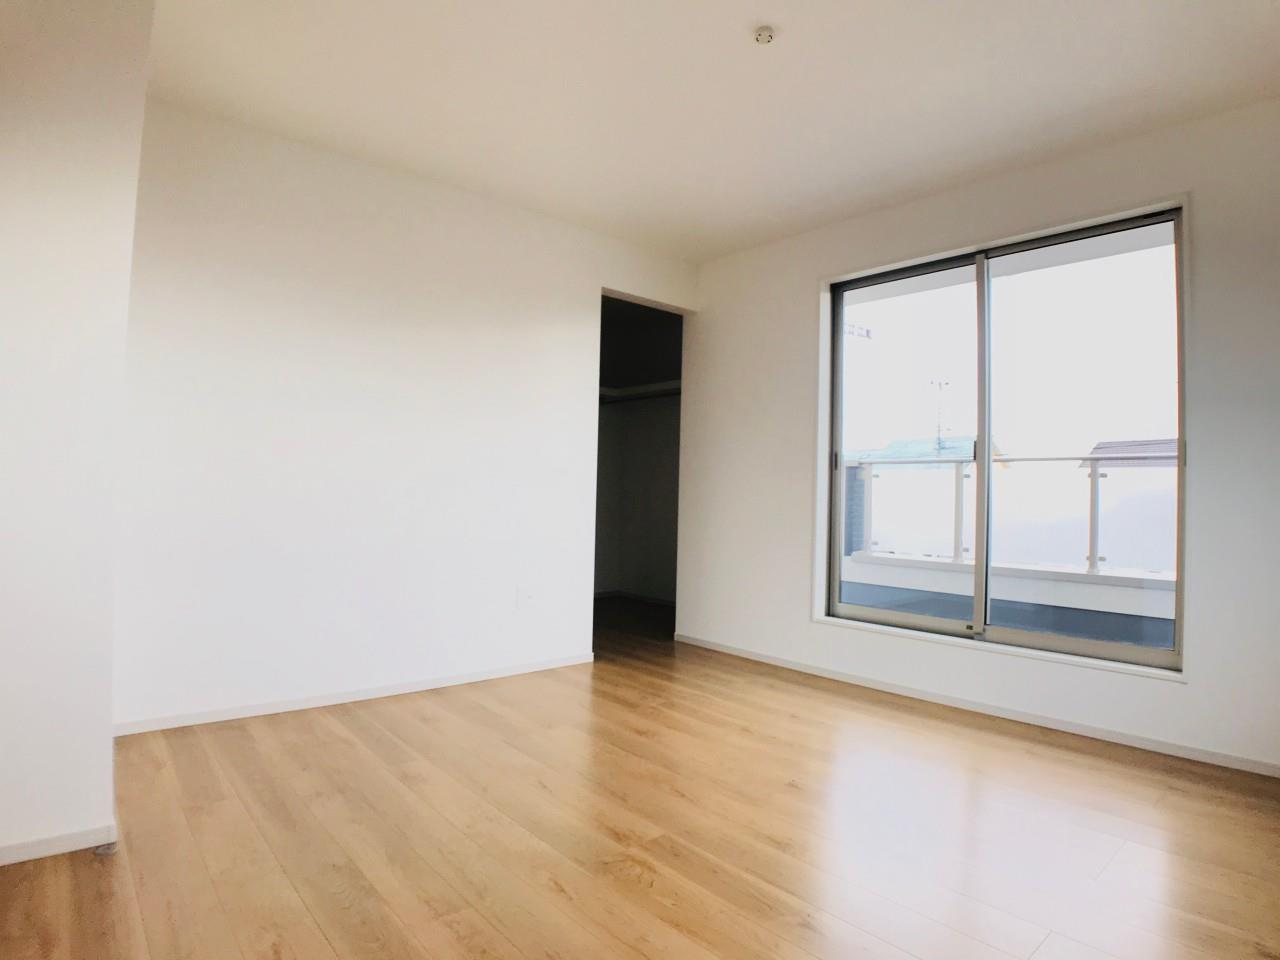 3号棟|南向き、7.8帖の主寝室。広々としたバルコニーへアクセス出来ます。